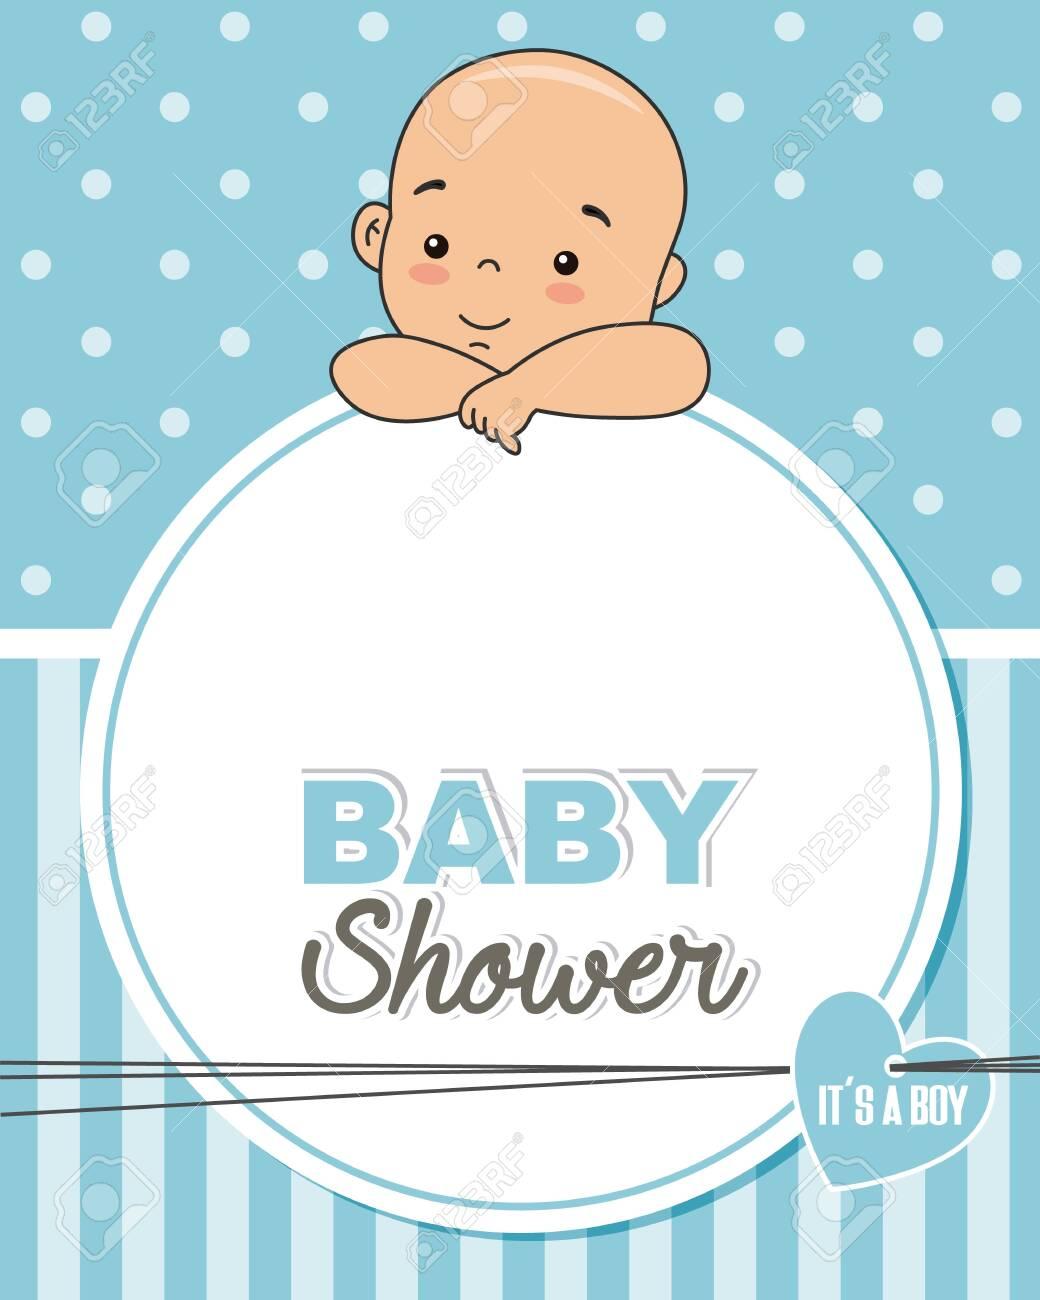 Baby Shower Frame Boy : shower, frame, Frame, Photo., Shower, Card., Royalty, Cliparts,, Vectors,, Stock, Illustration., Image, 127785272.